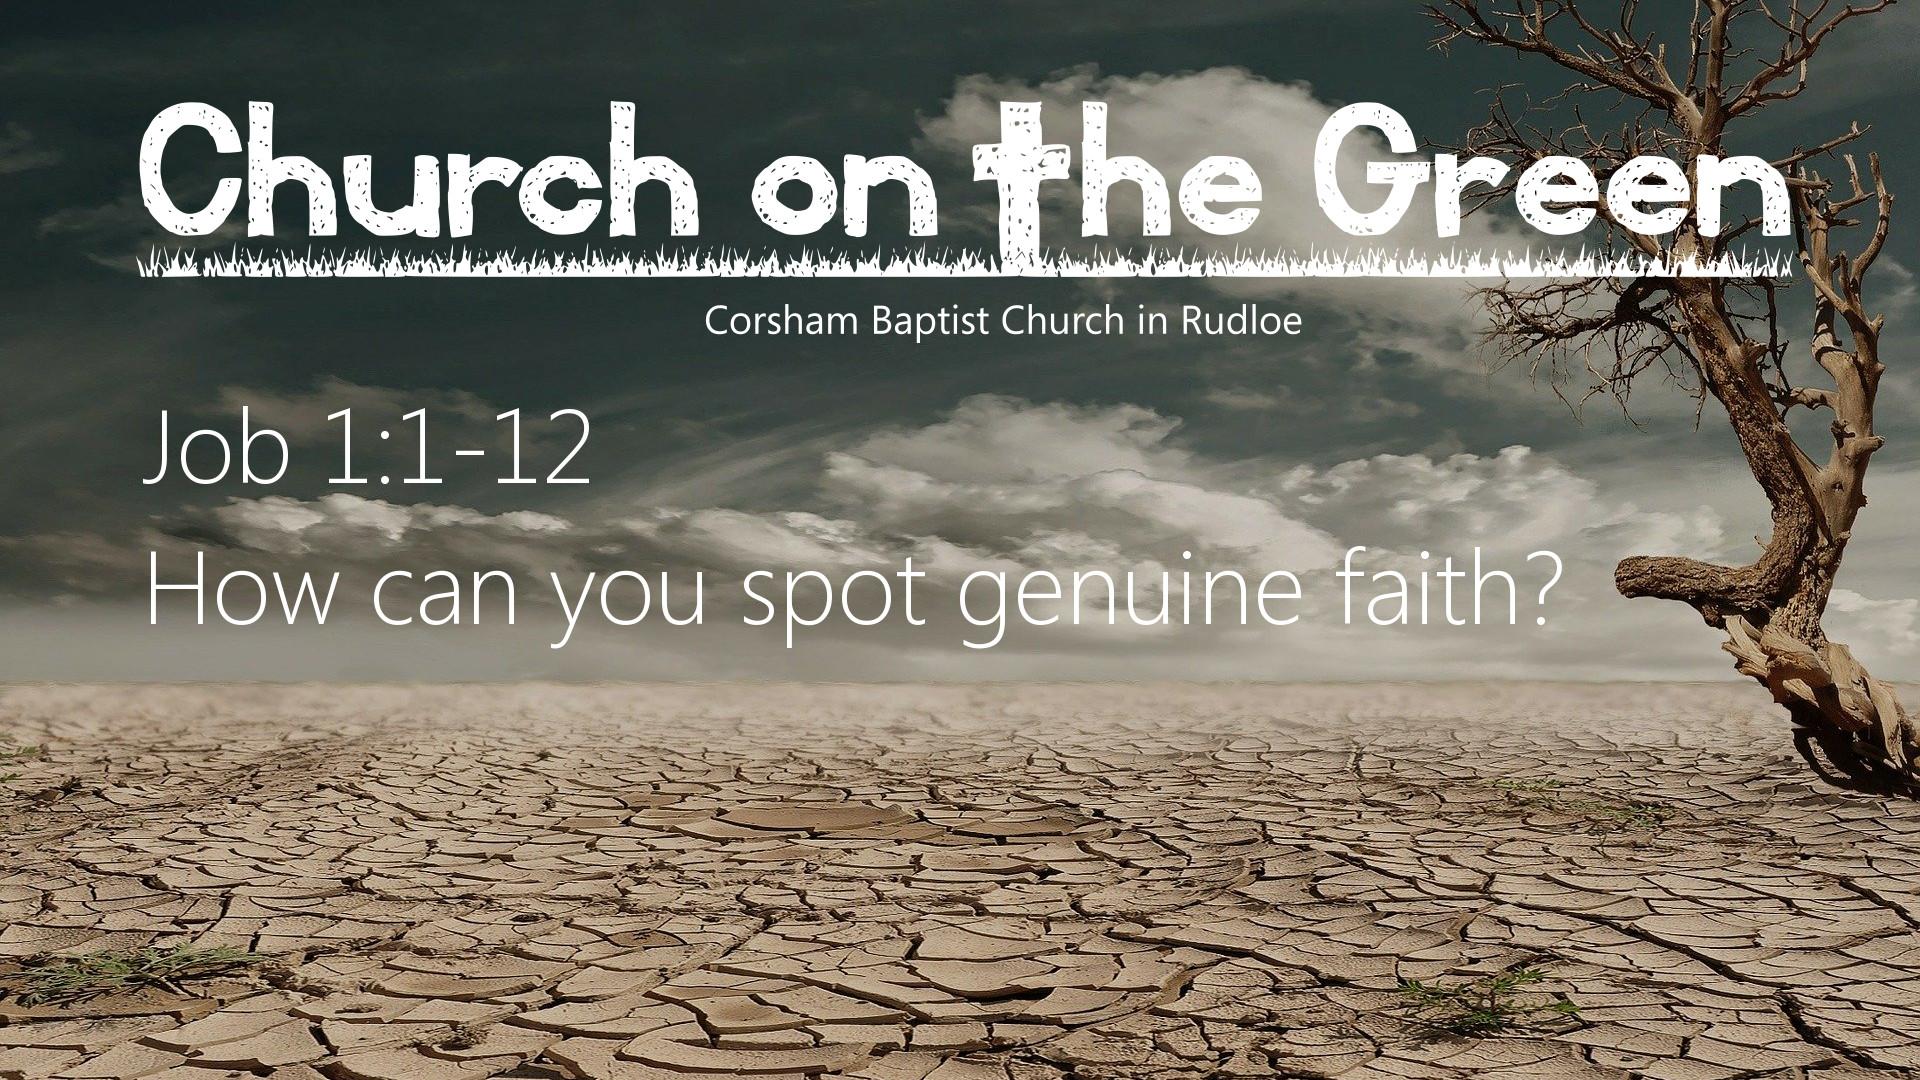 Job 1:1-12 How can you spot genuine faith?